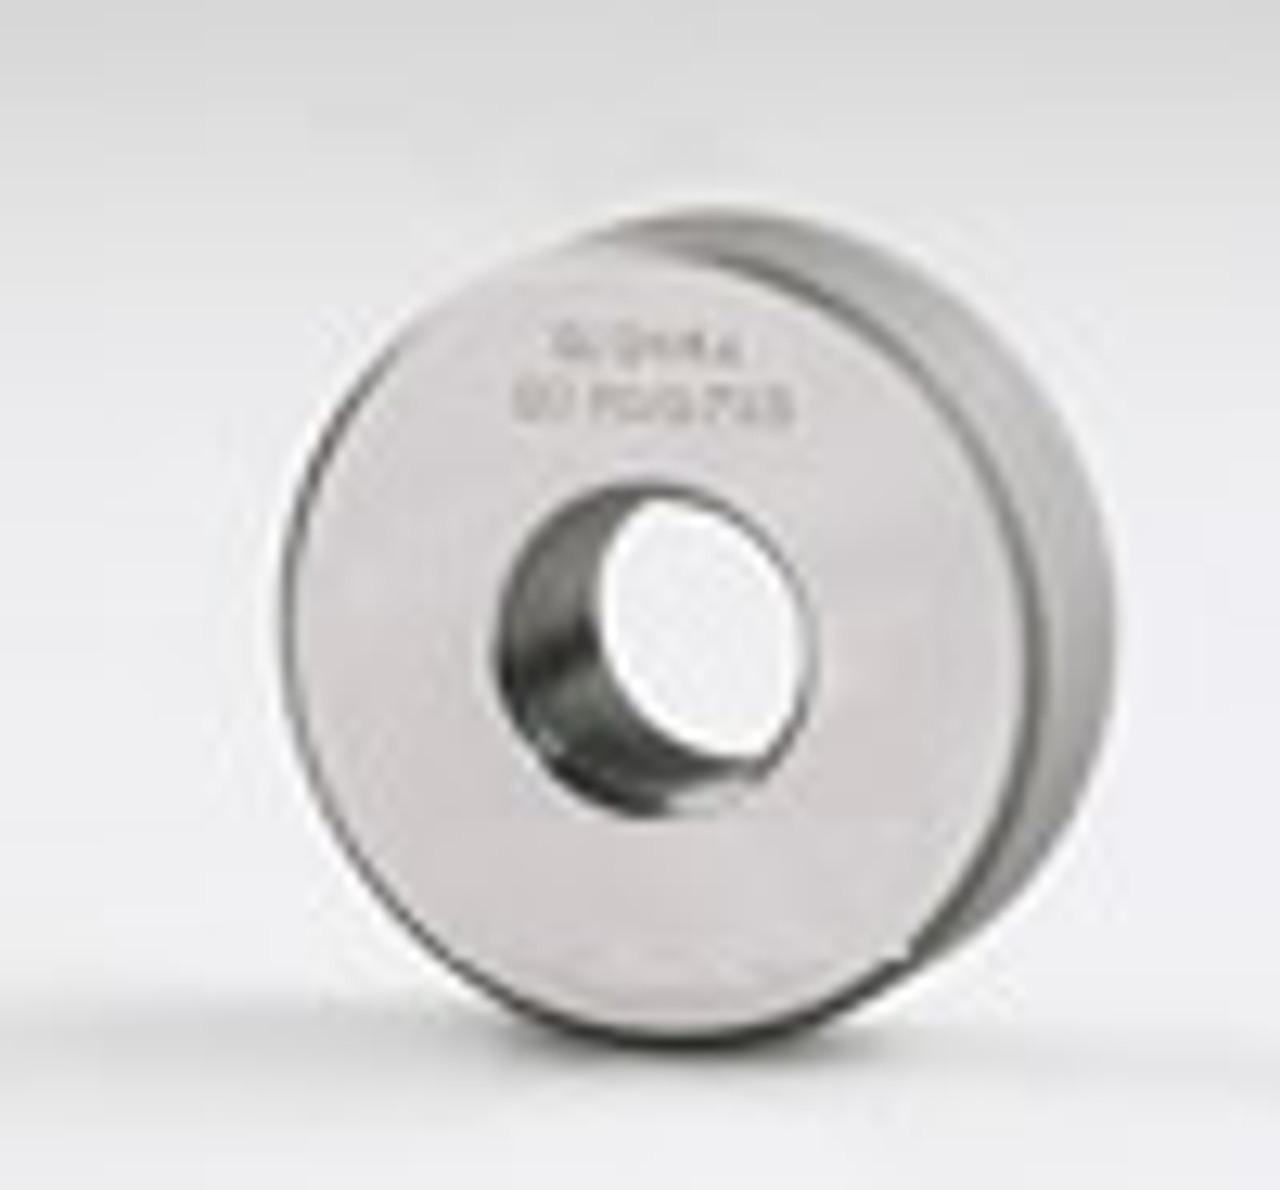 """BSPP 1/4"""" - 19 Go Thread Ring Gauge - (BSP1/4RG-GO)"""